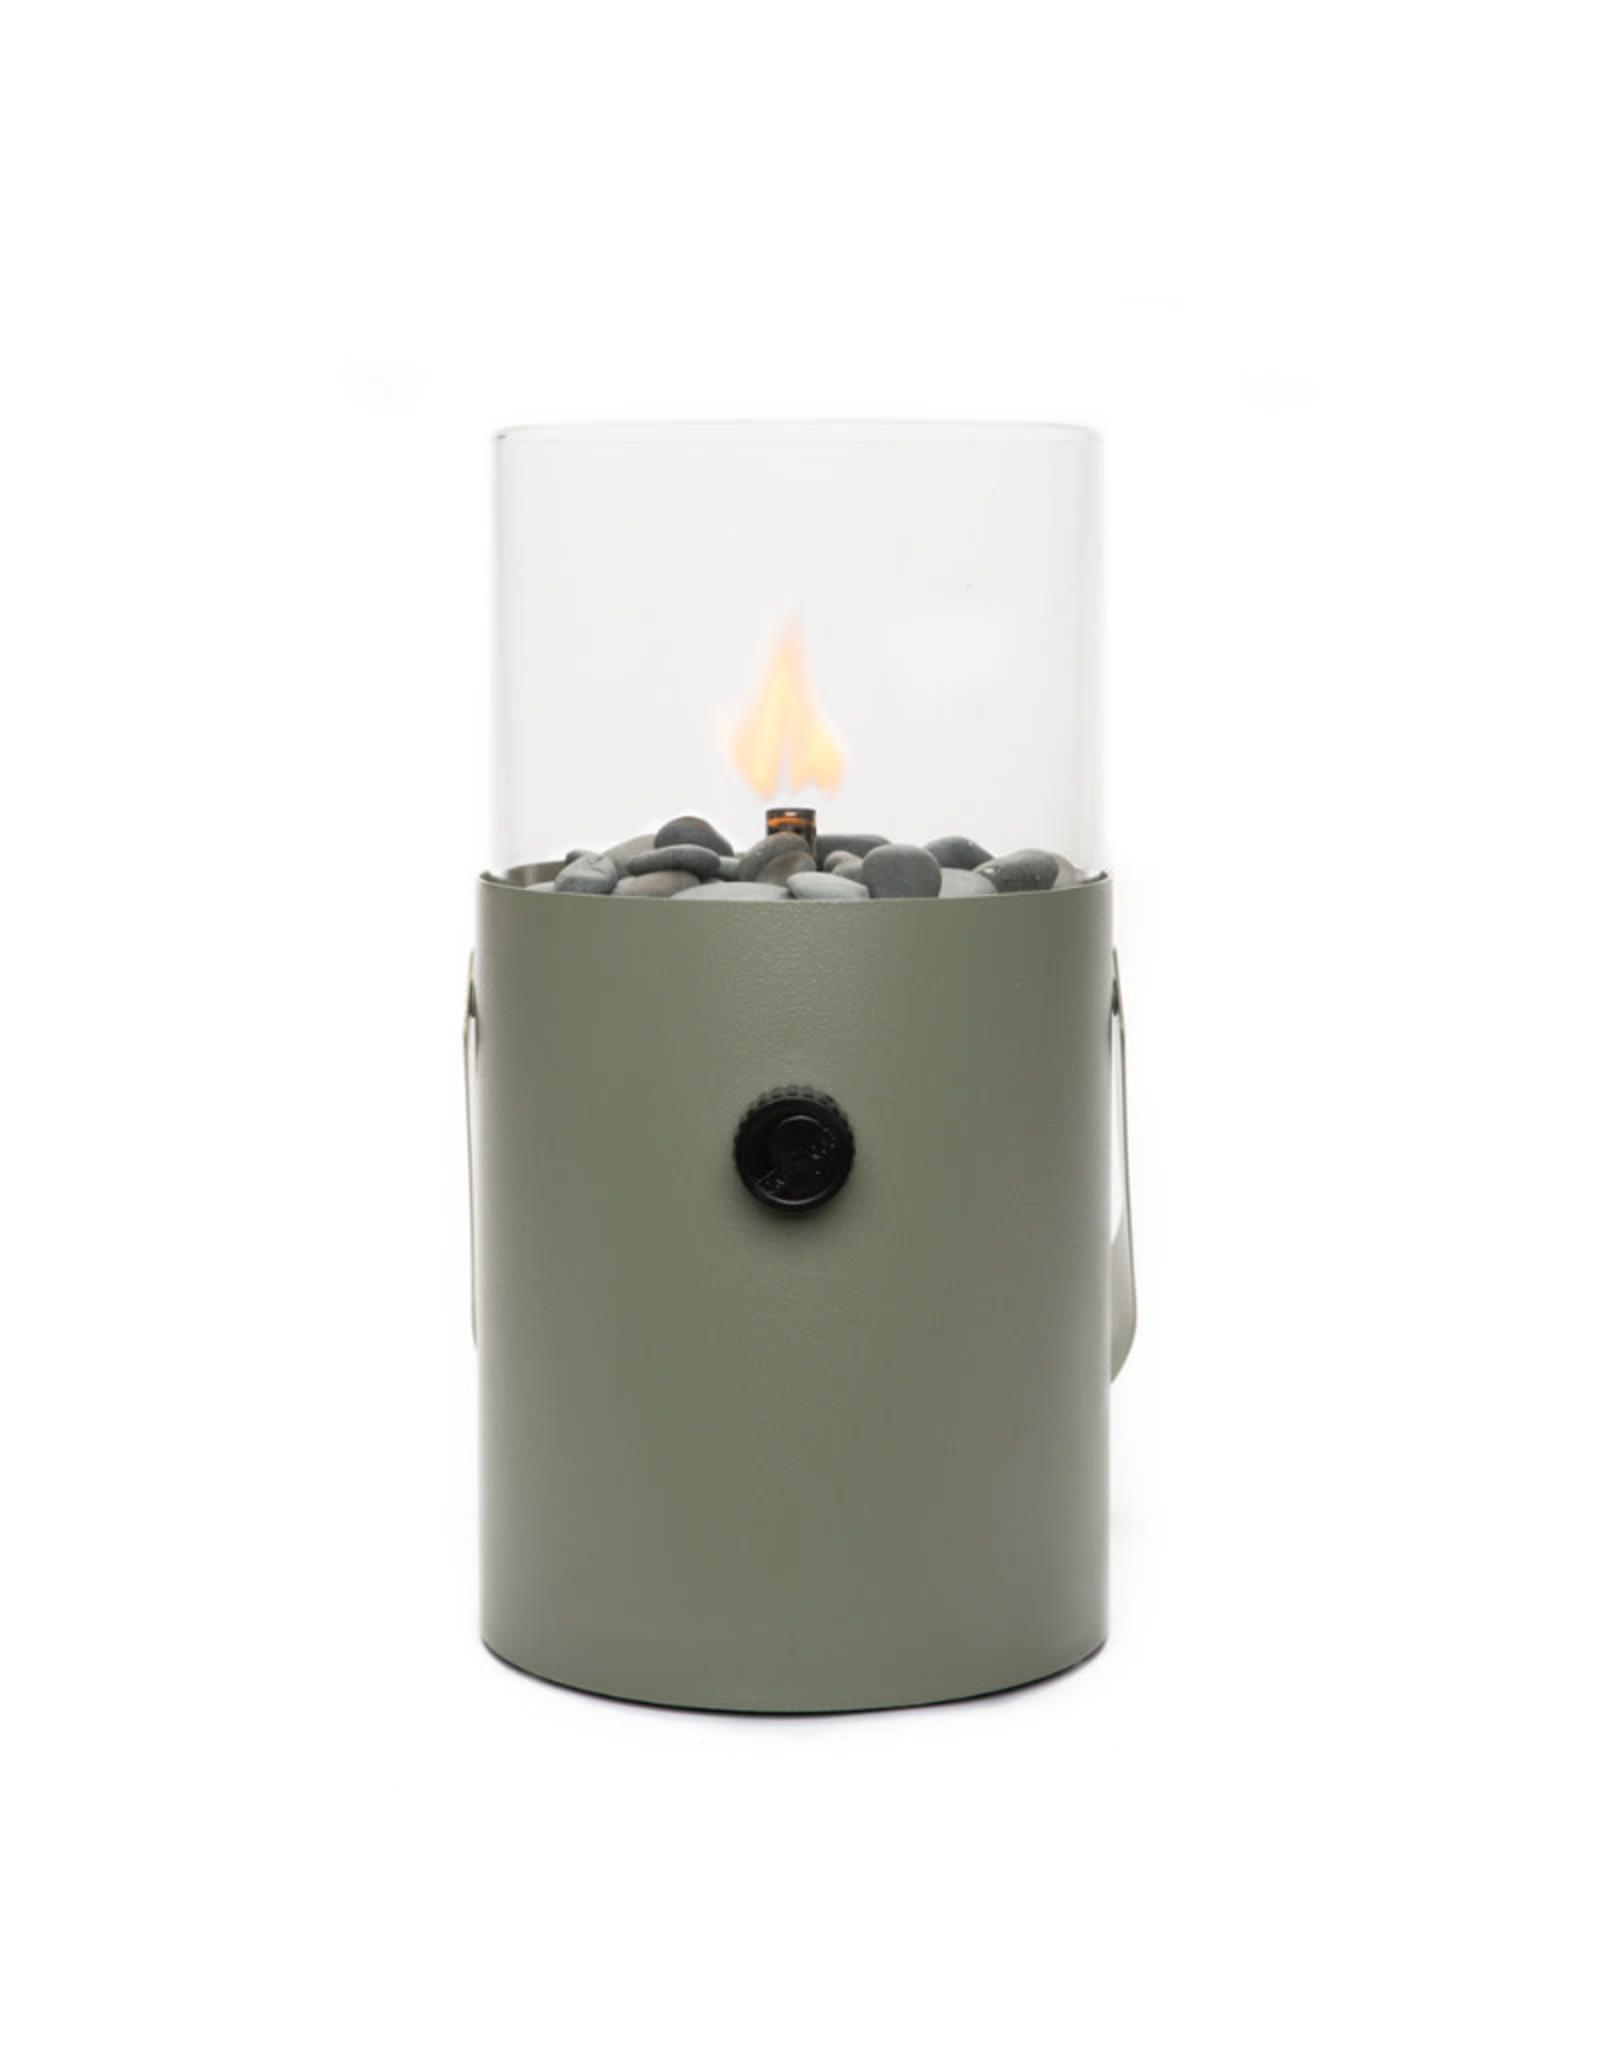 Cosi Cosiscoop Original Olive gas lantern